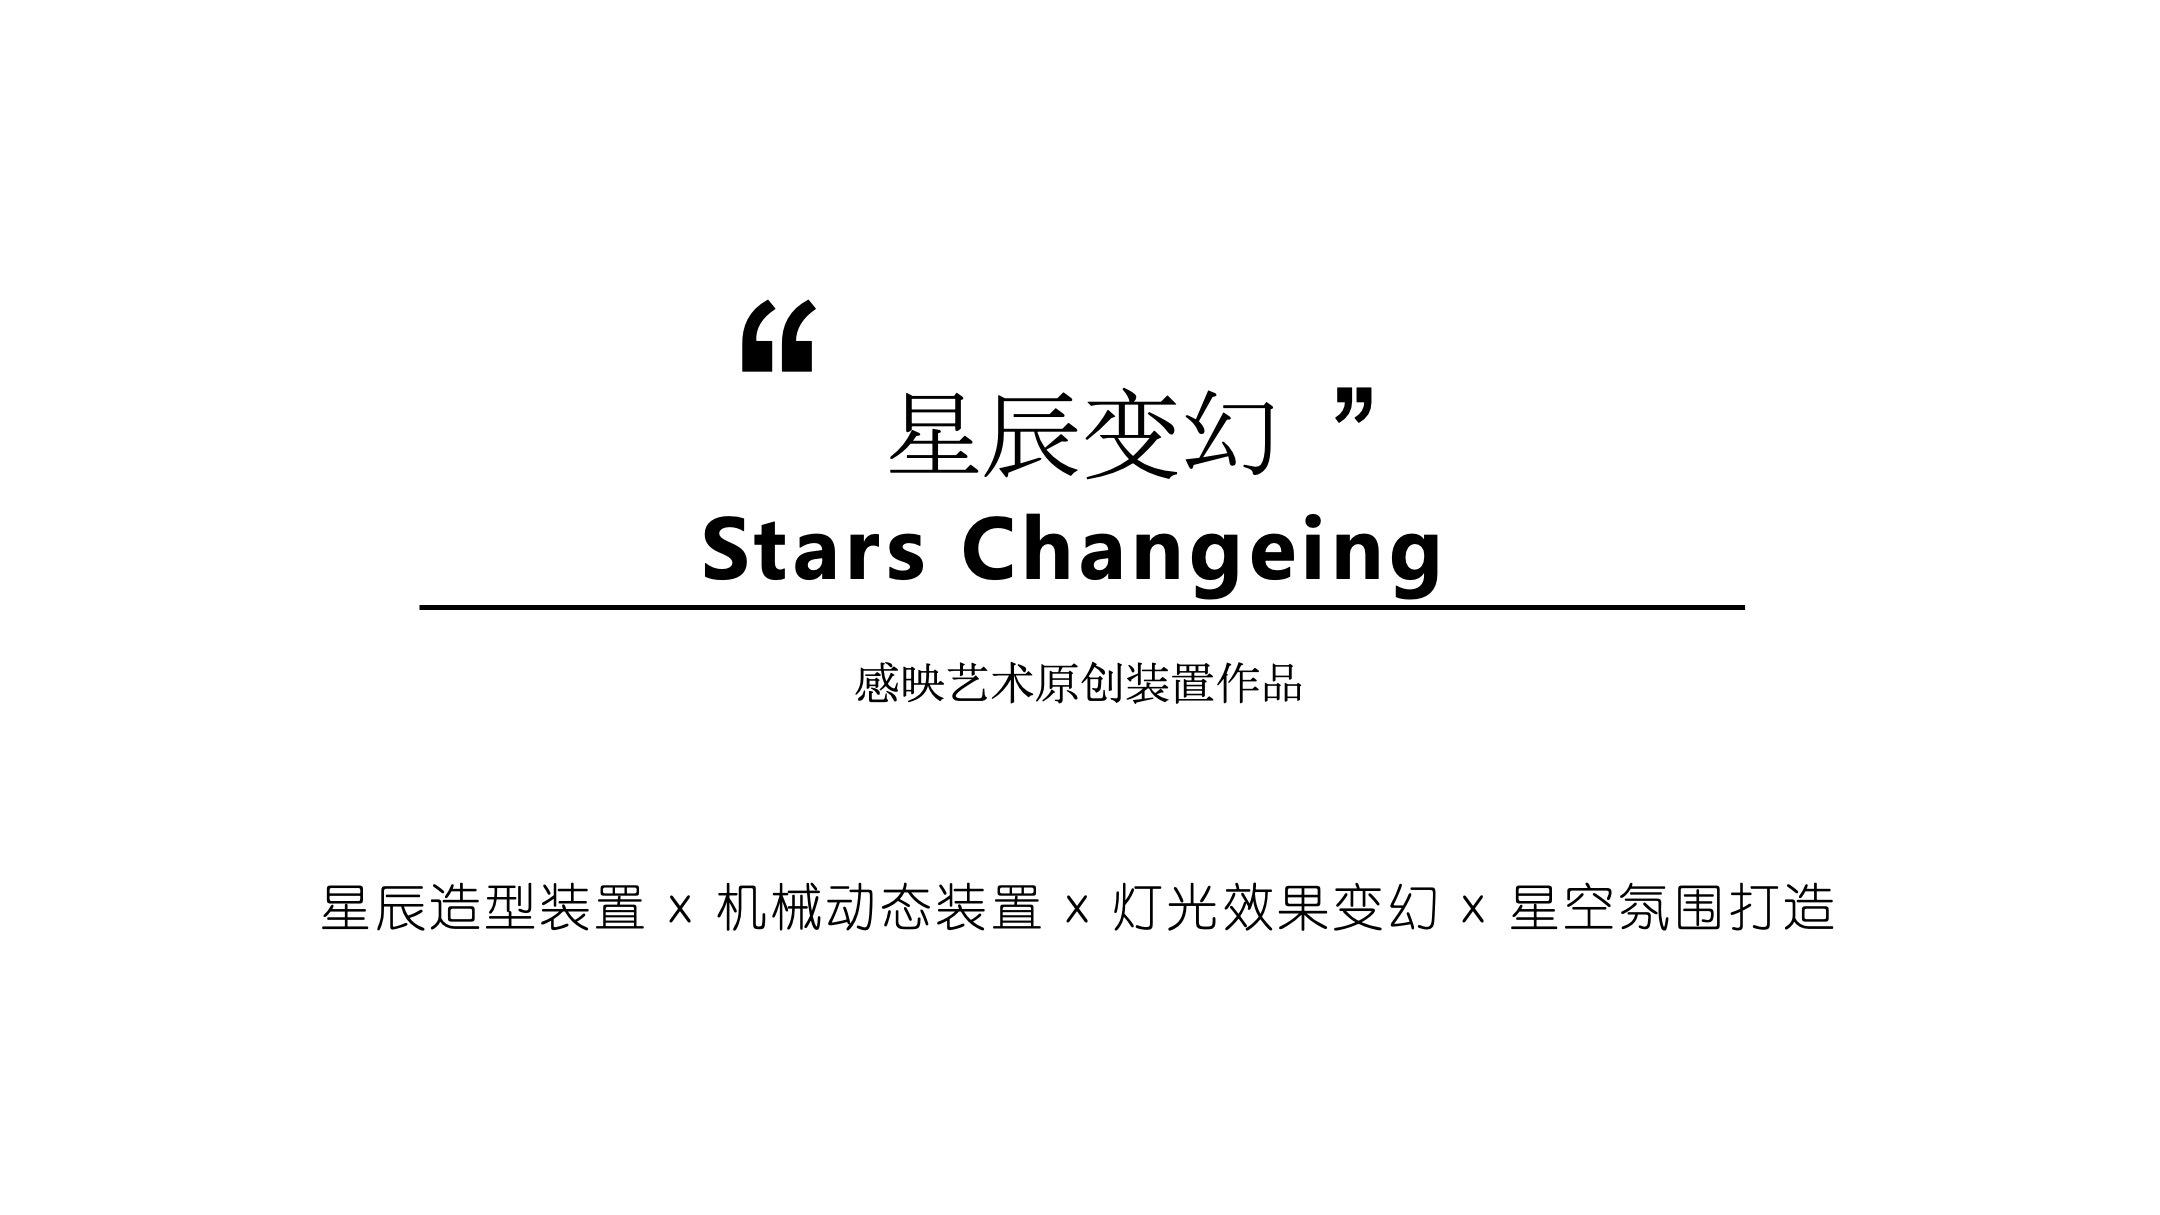 星辰变幻 STARS CHANGEING—感映艺术出品